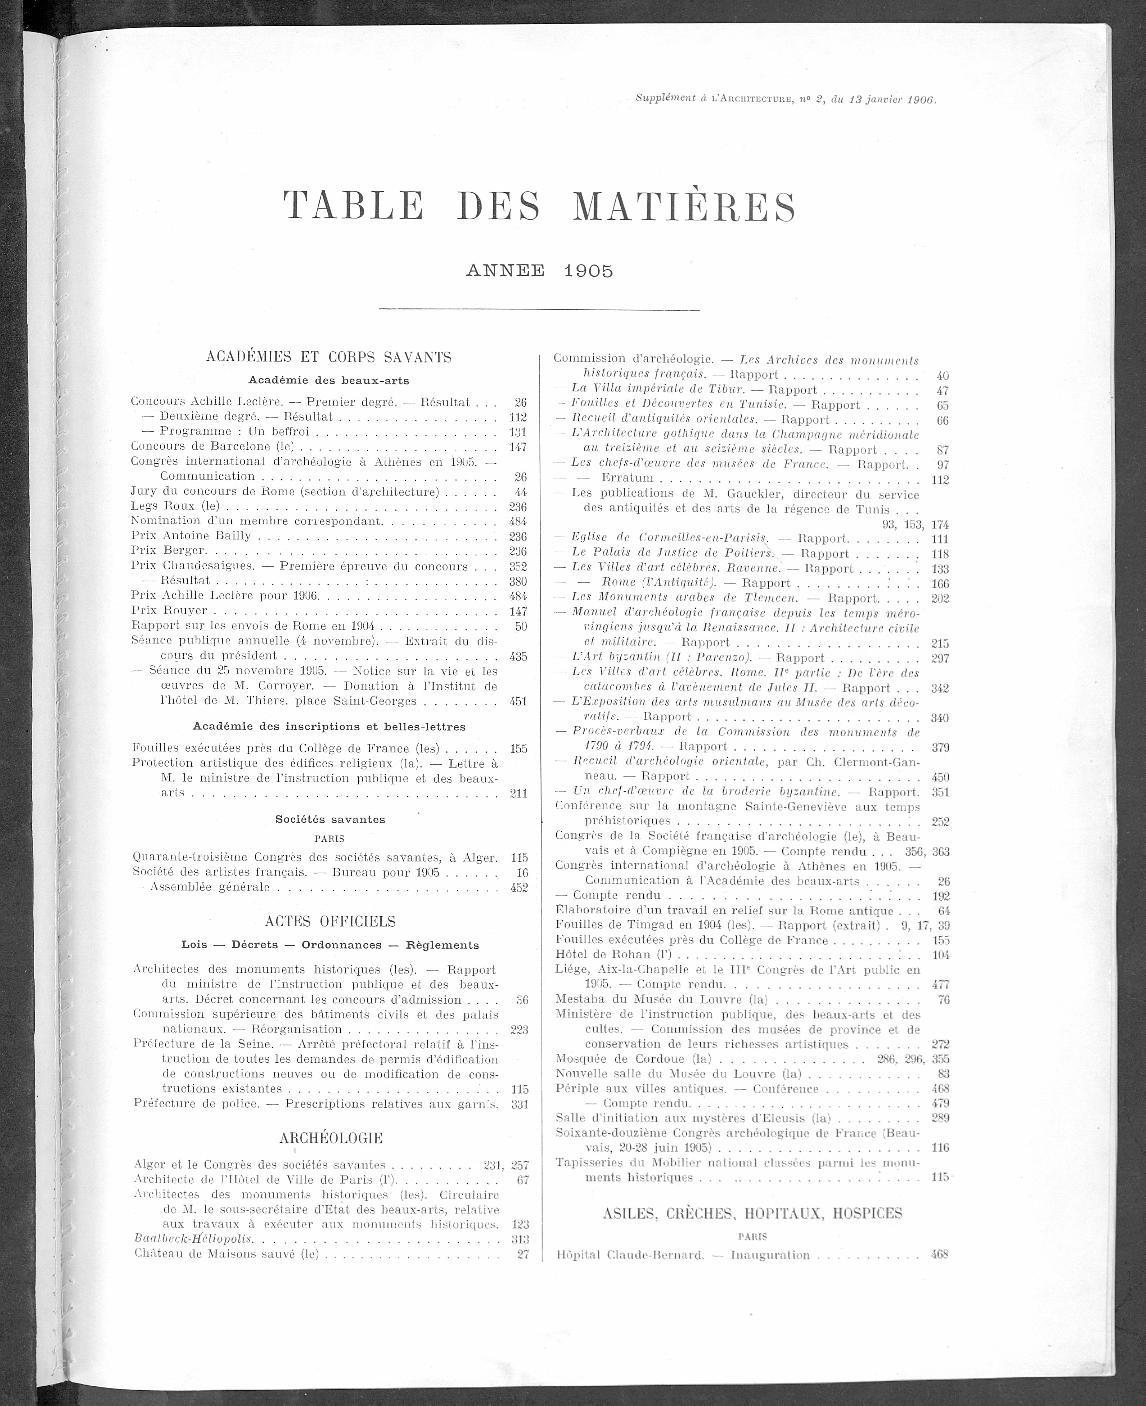 L'Architecture, Index, 1905 |